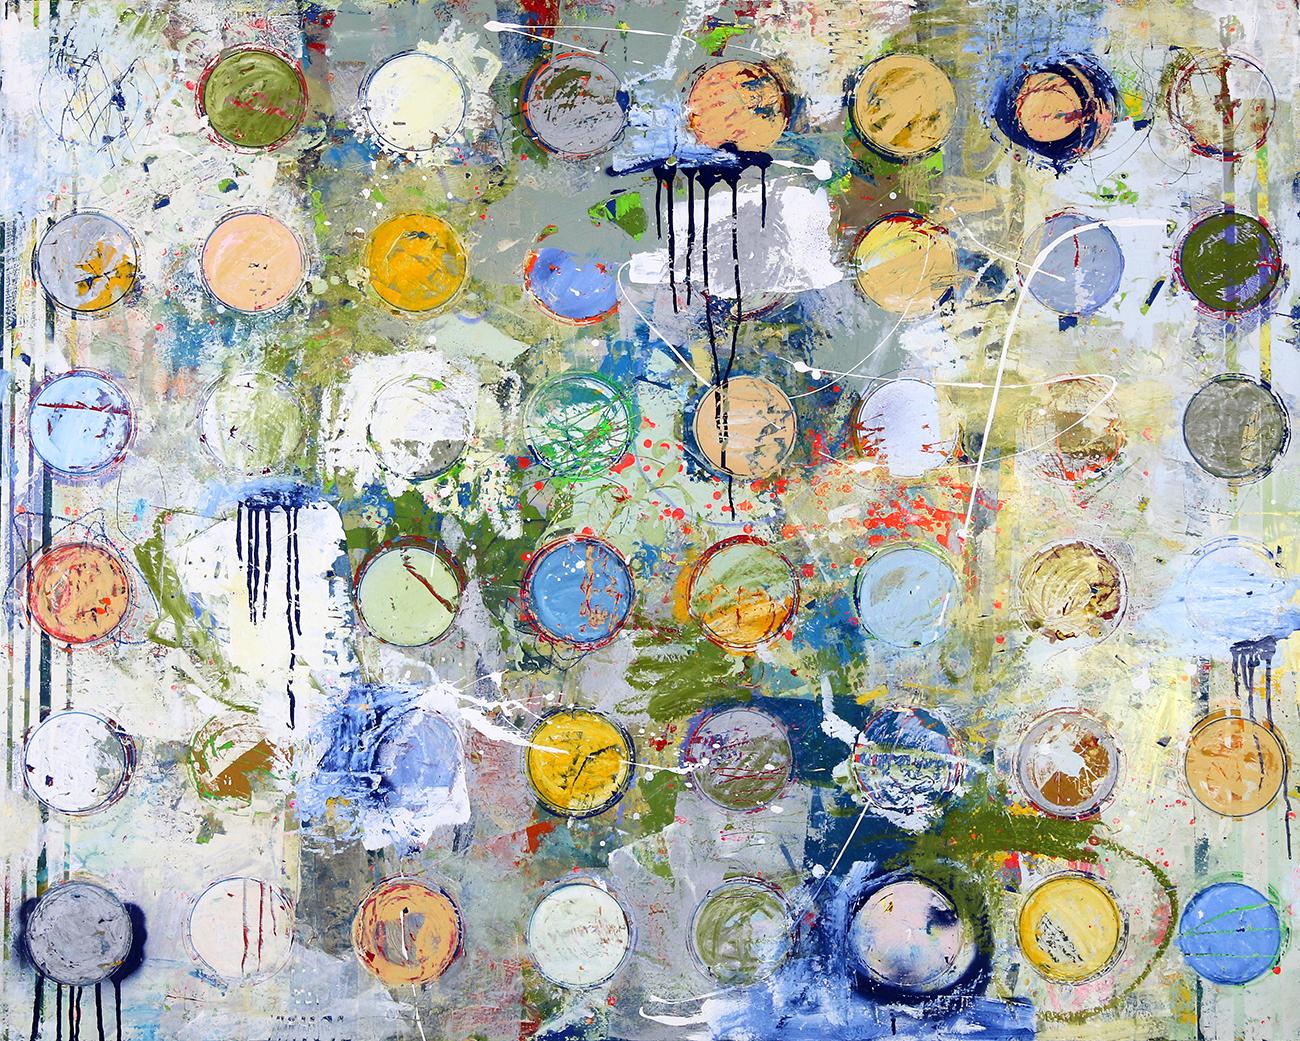 Fibonacci 362 size 48x60 w gloss varnish finish